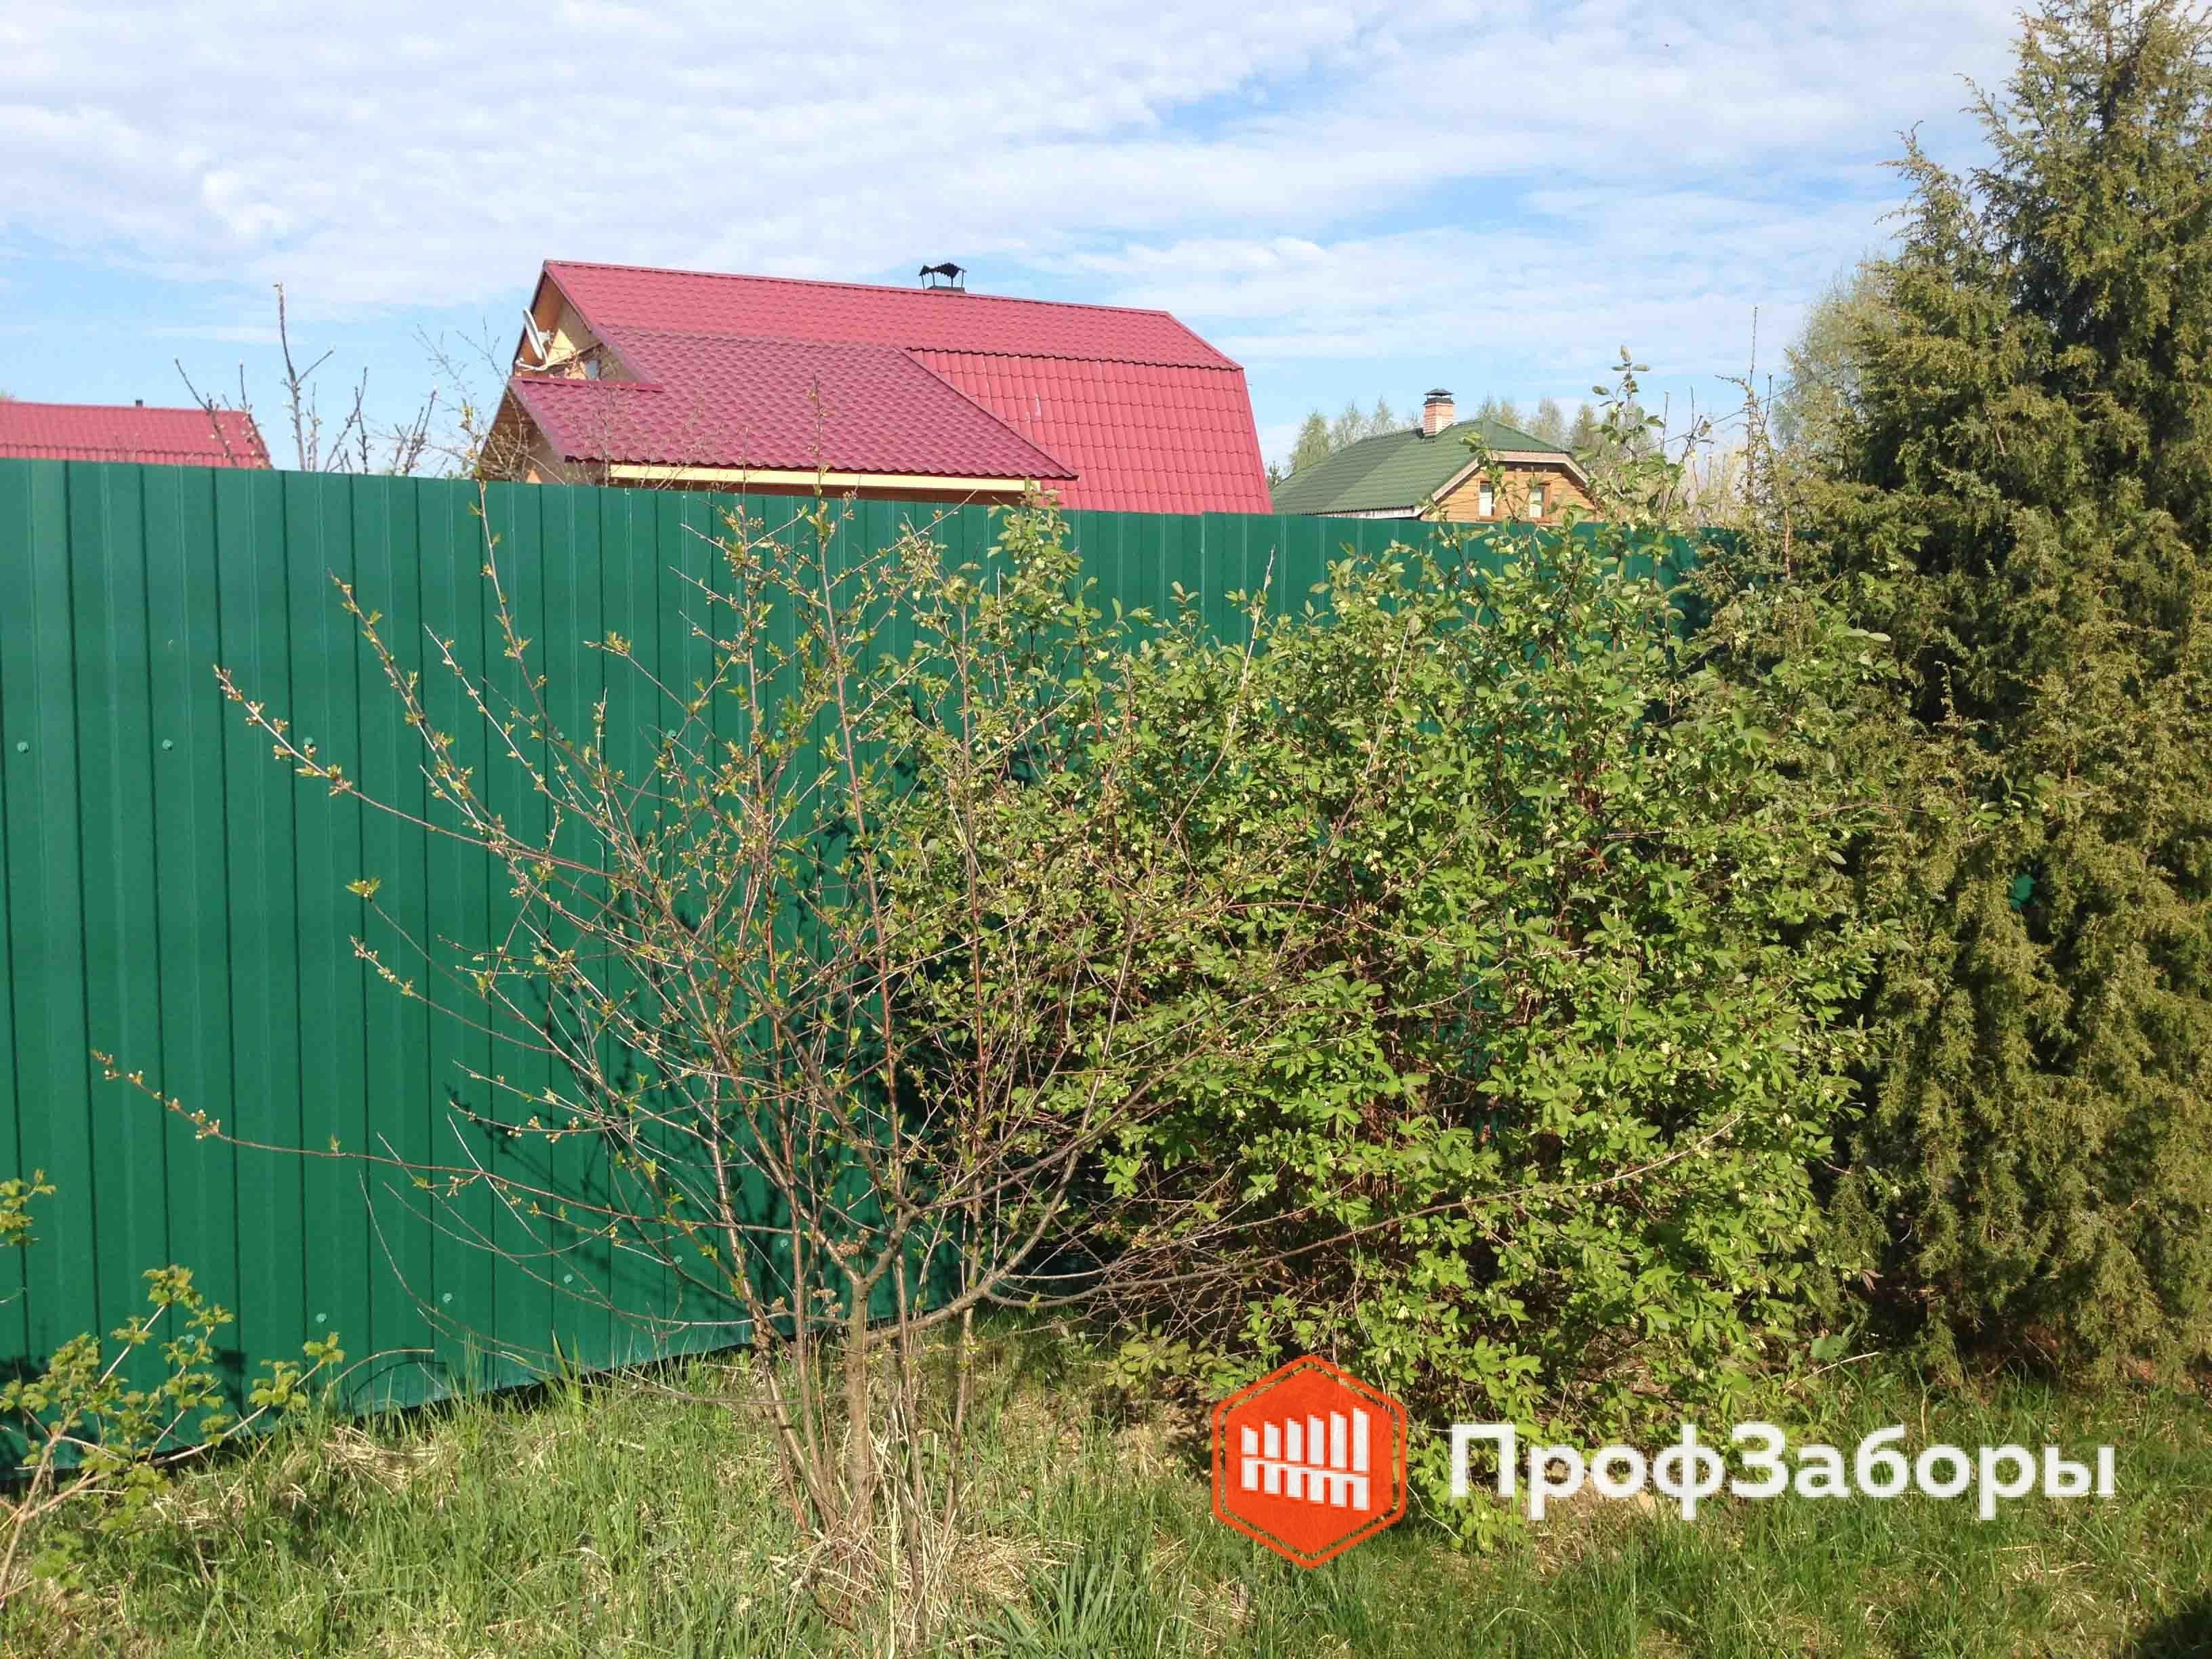 Заборы Из профнастила  - Деревня Александрово. Фото 2